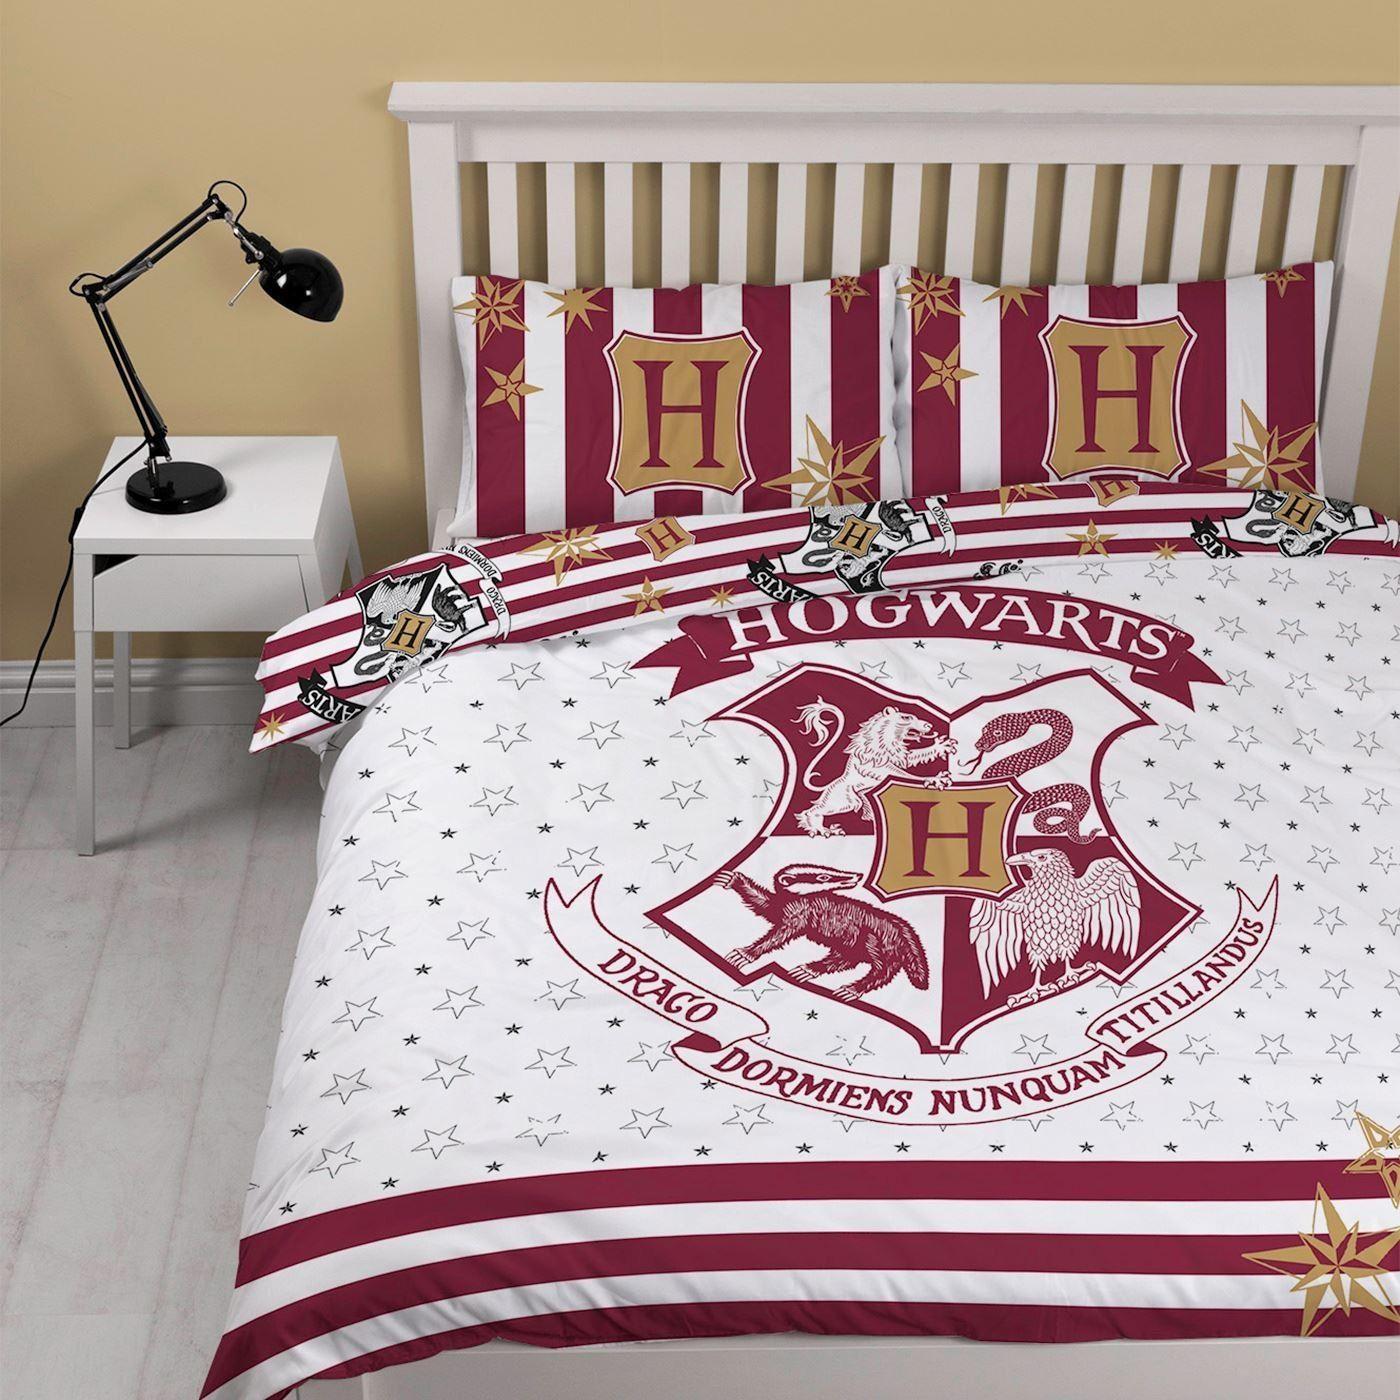 harry potter duvet quilt cover bedding set single double blanket kids boys girls ebay. Black Bedroom Furniture Sets. Home Design Ideas